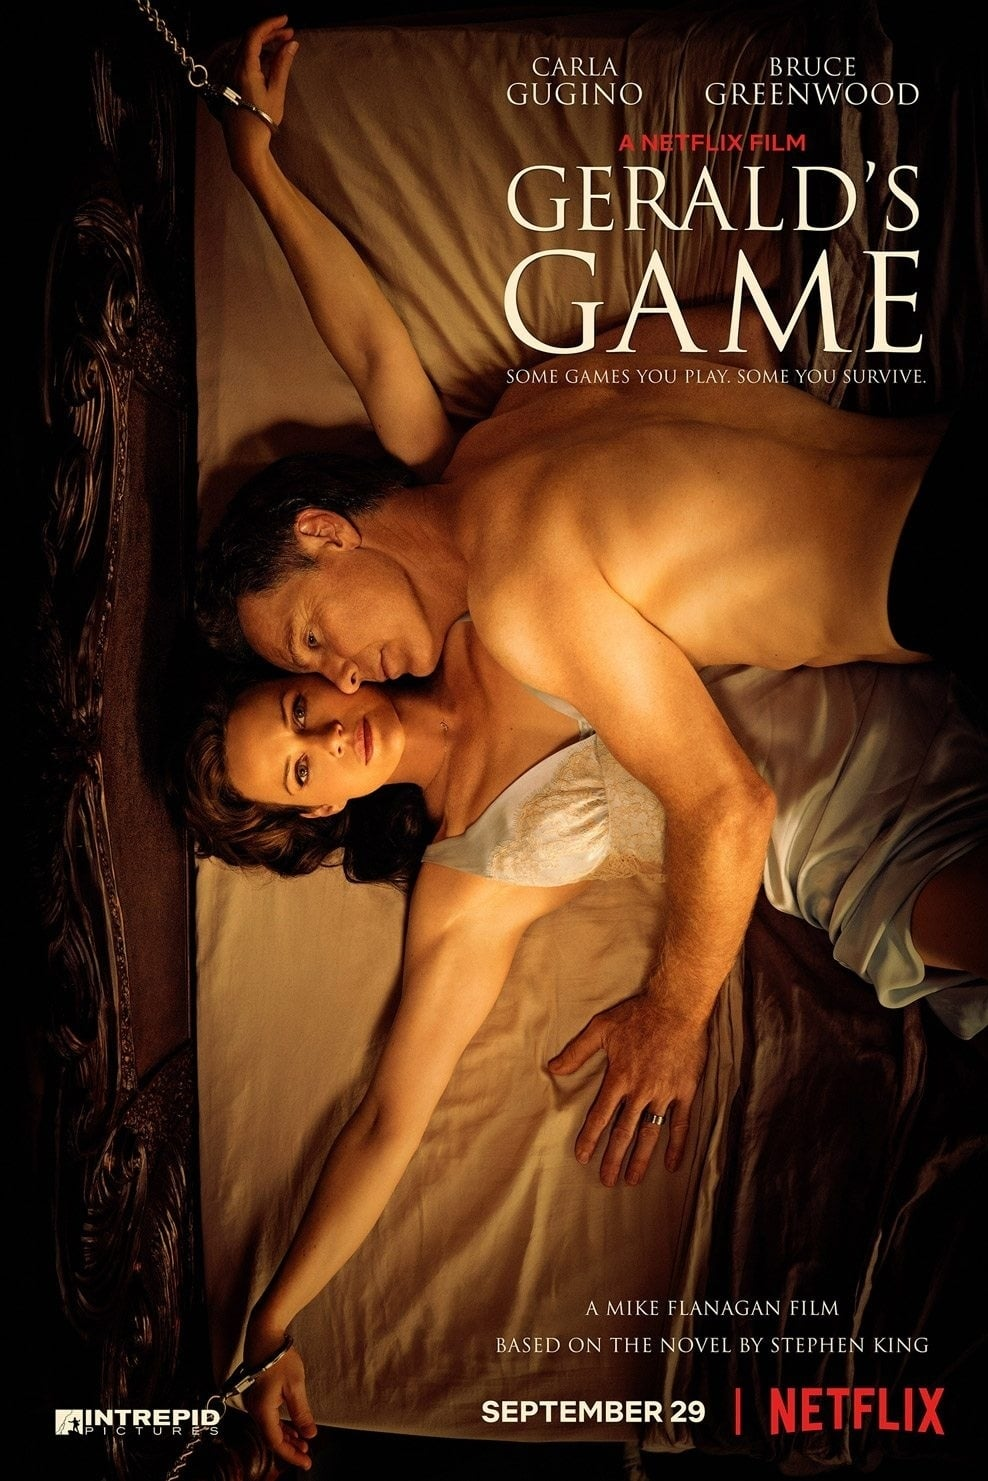 Gerald's Game / Το παιχνίδι του Τζέραλντ